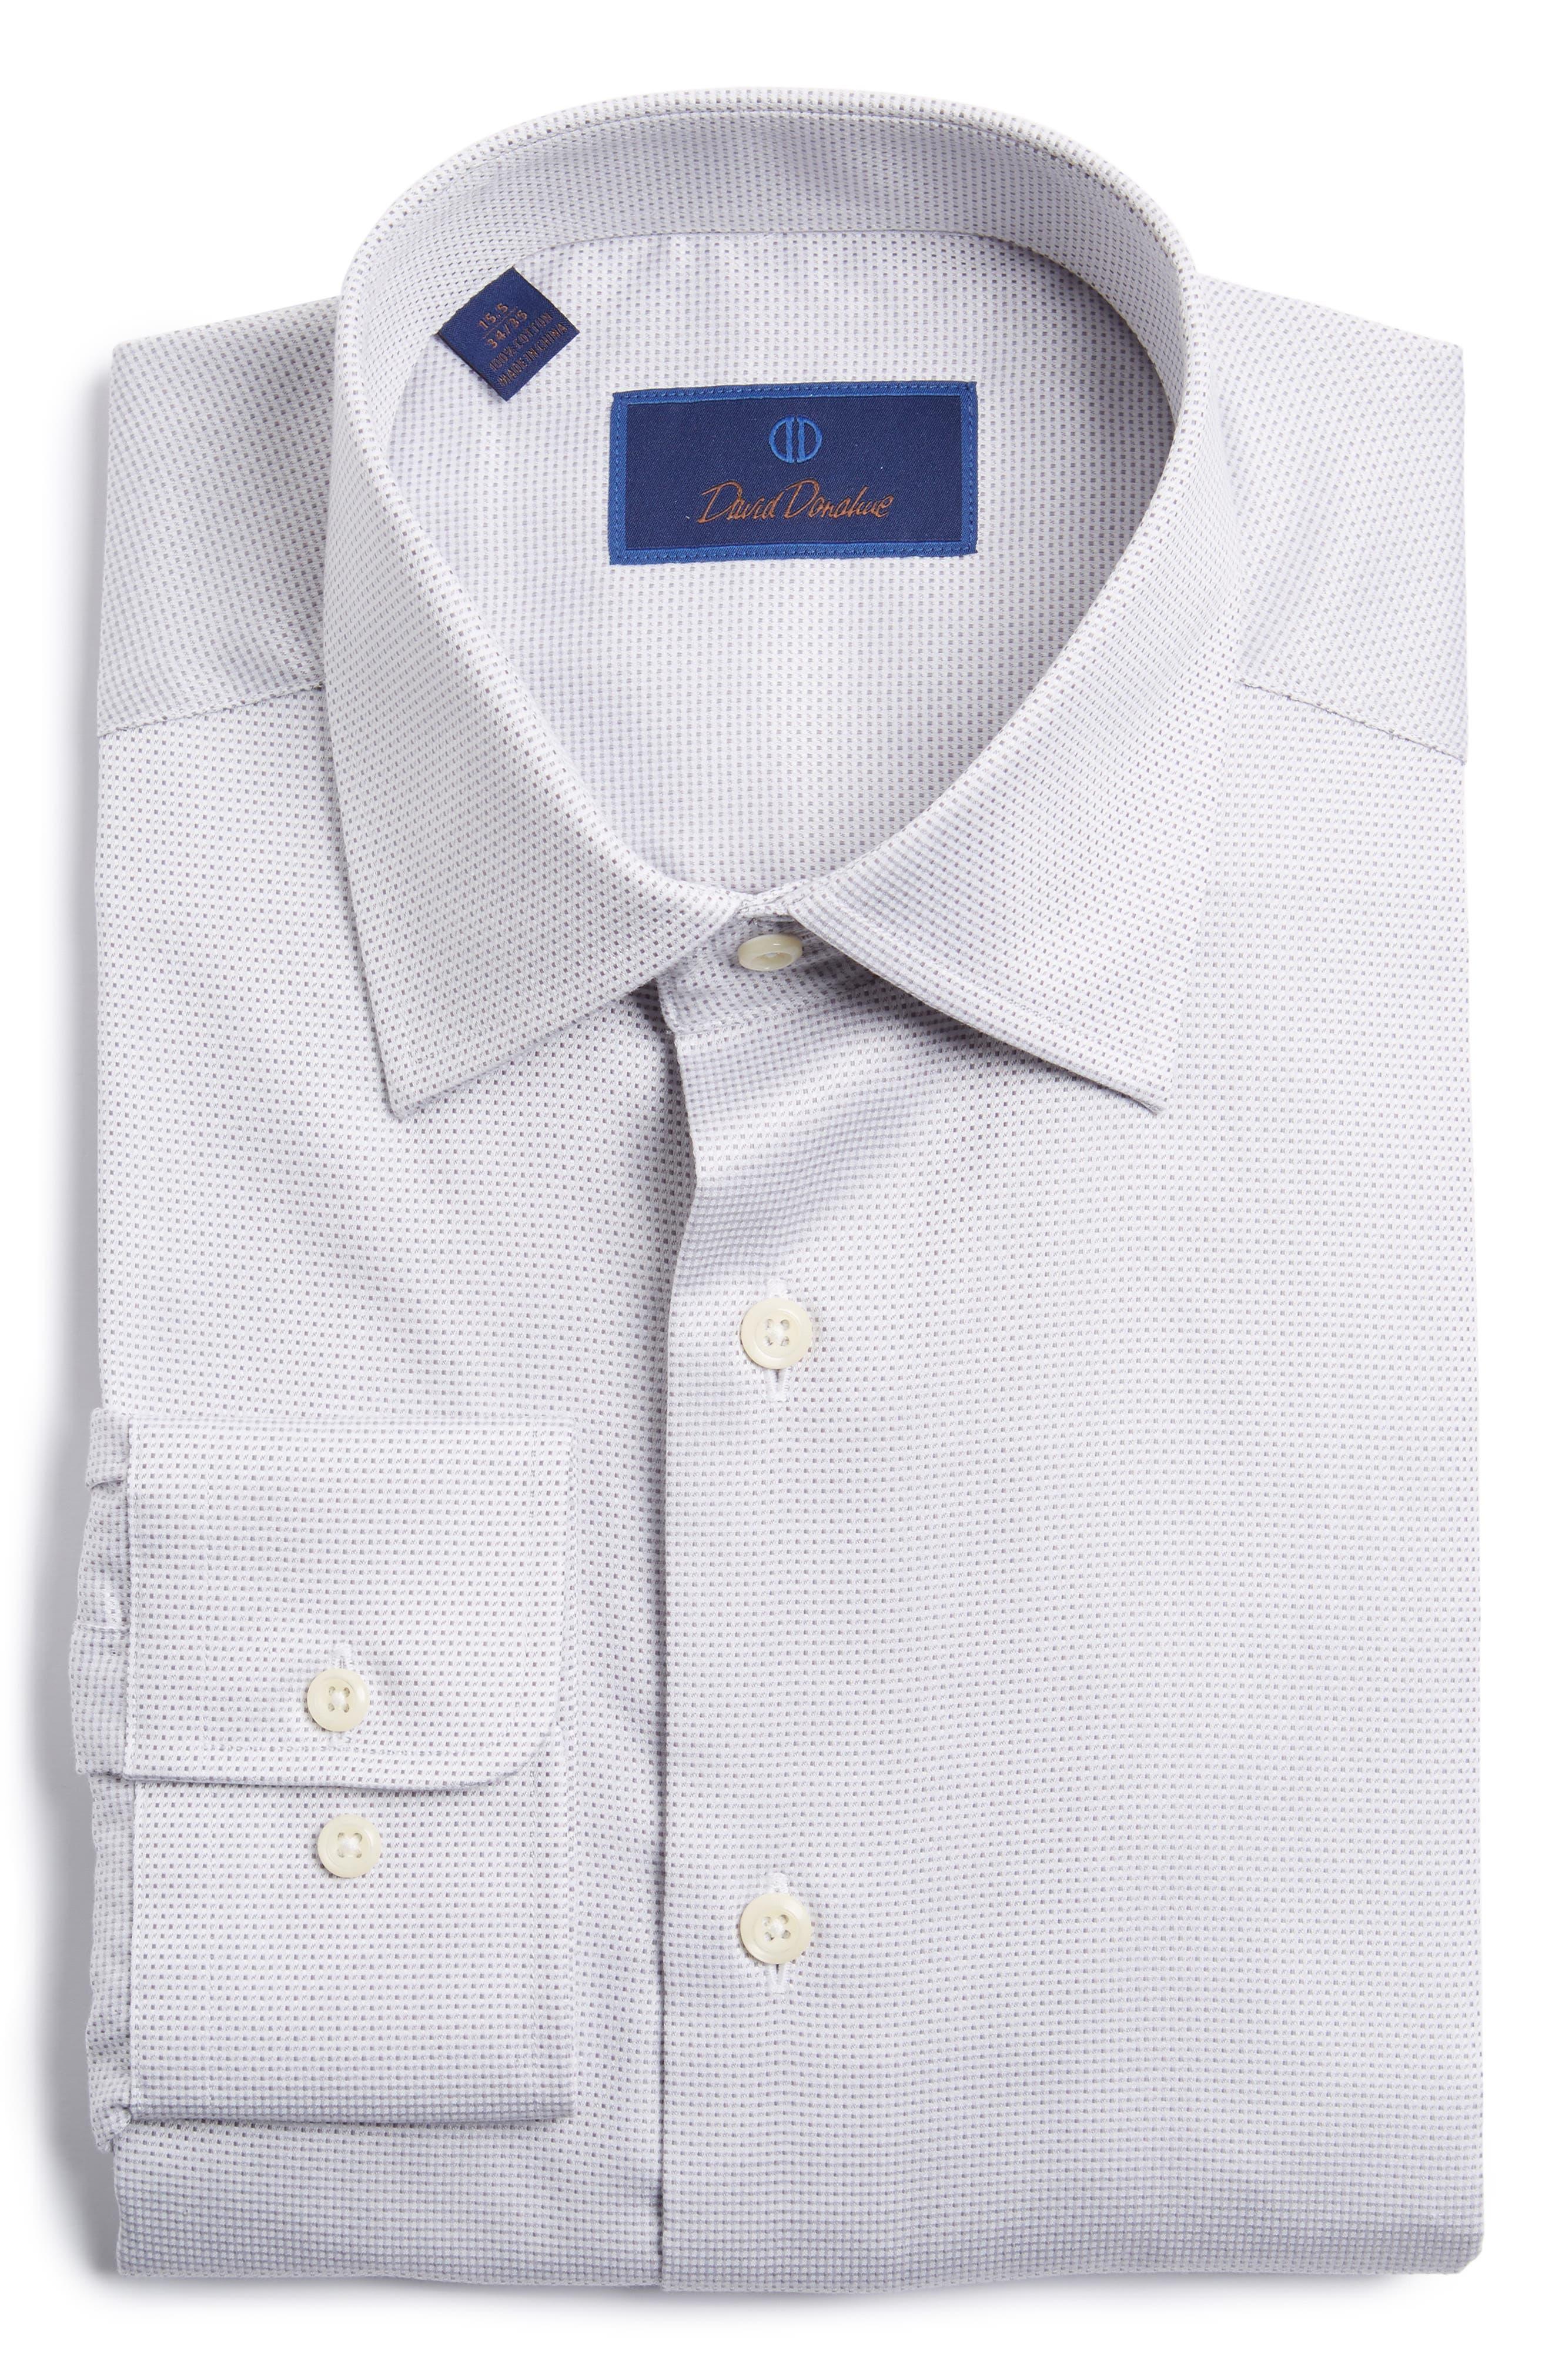 Regular Fit Dress Shirt,                         Main,                         color, Grey